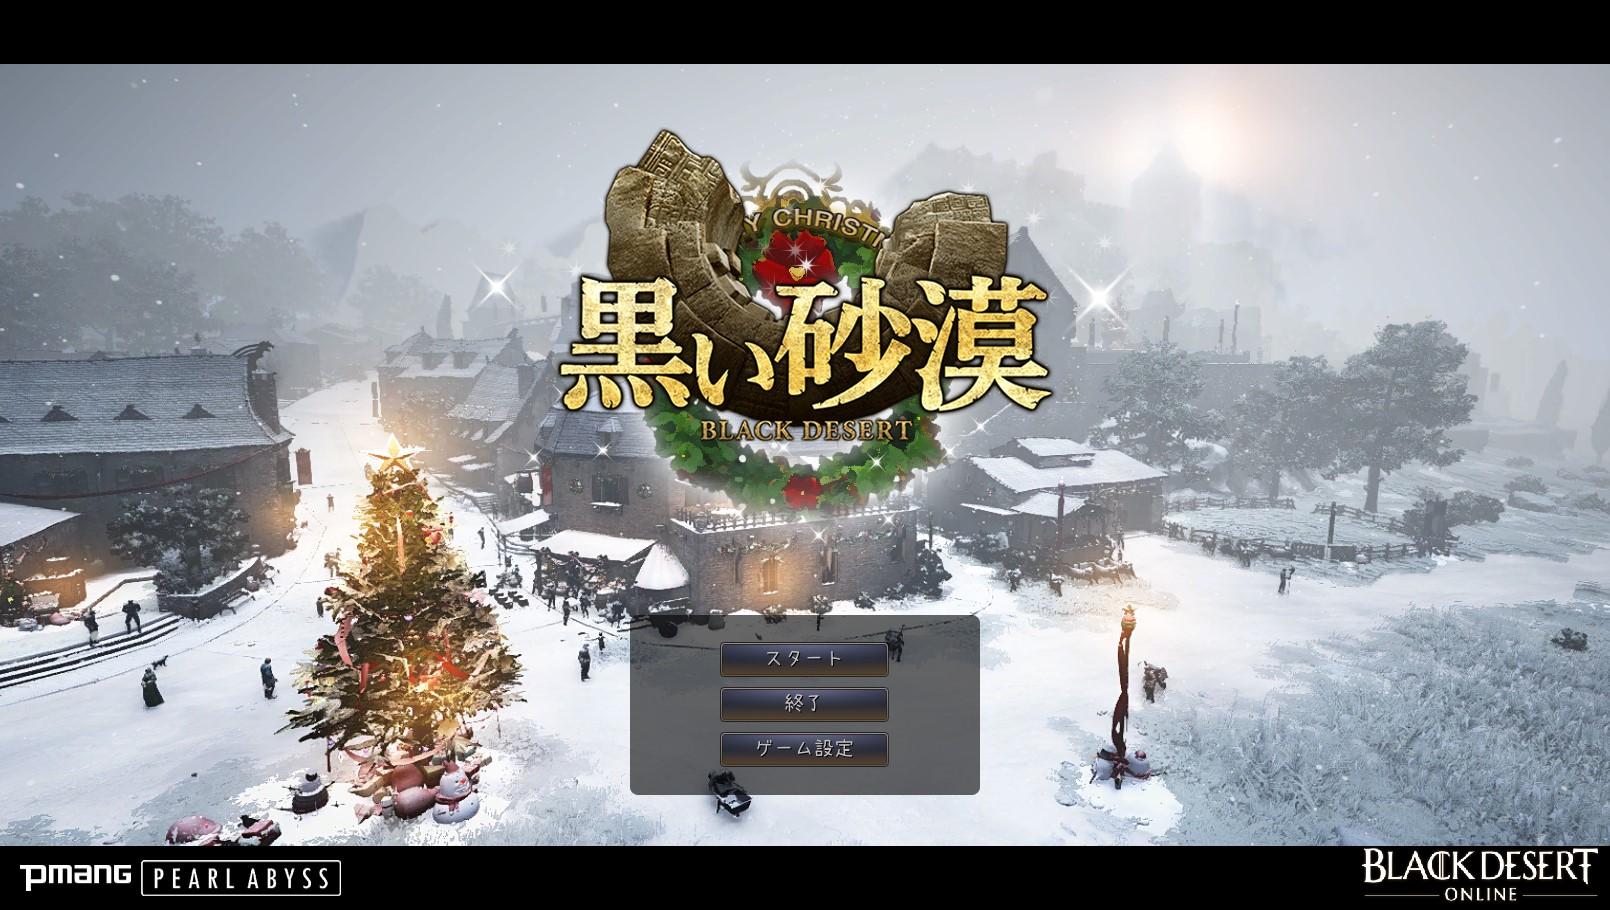 2017-12-20_5889038.jpg